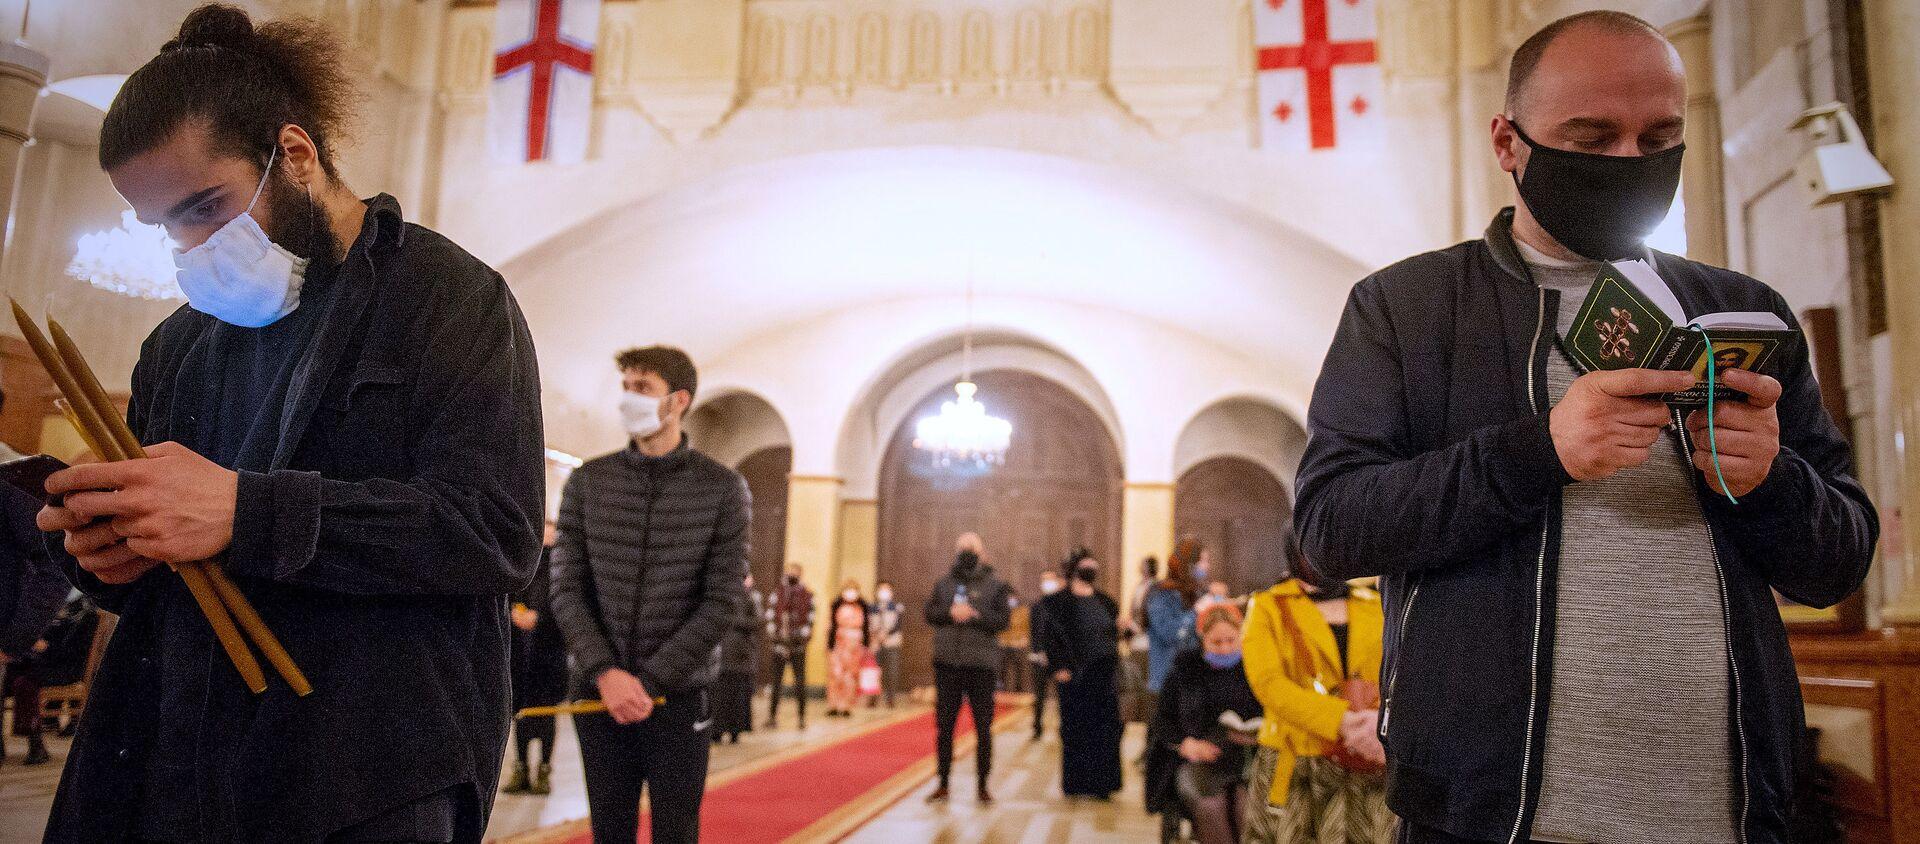 Пасха на дистанции - верующие в храме Святой Троицы Самеба - Sputnik Грузия, 1920, 01.04.2021